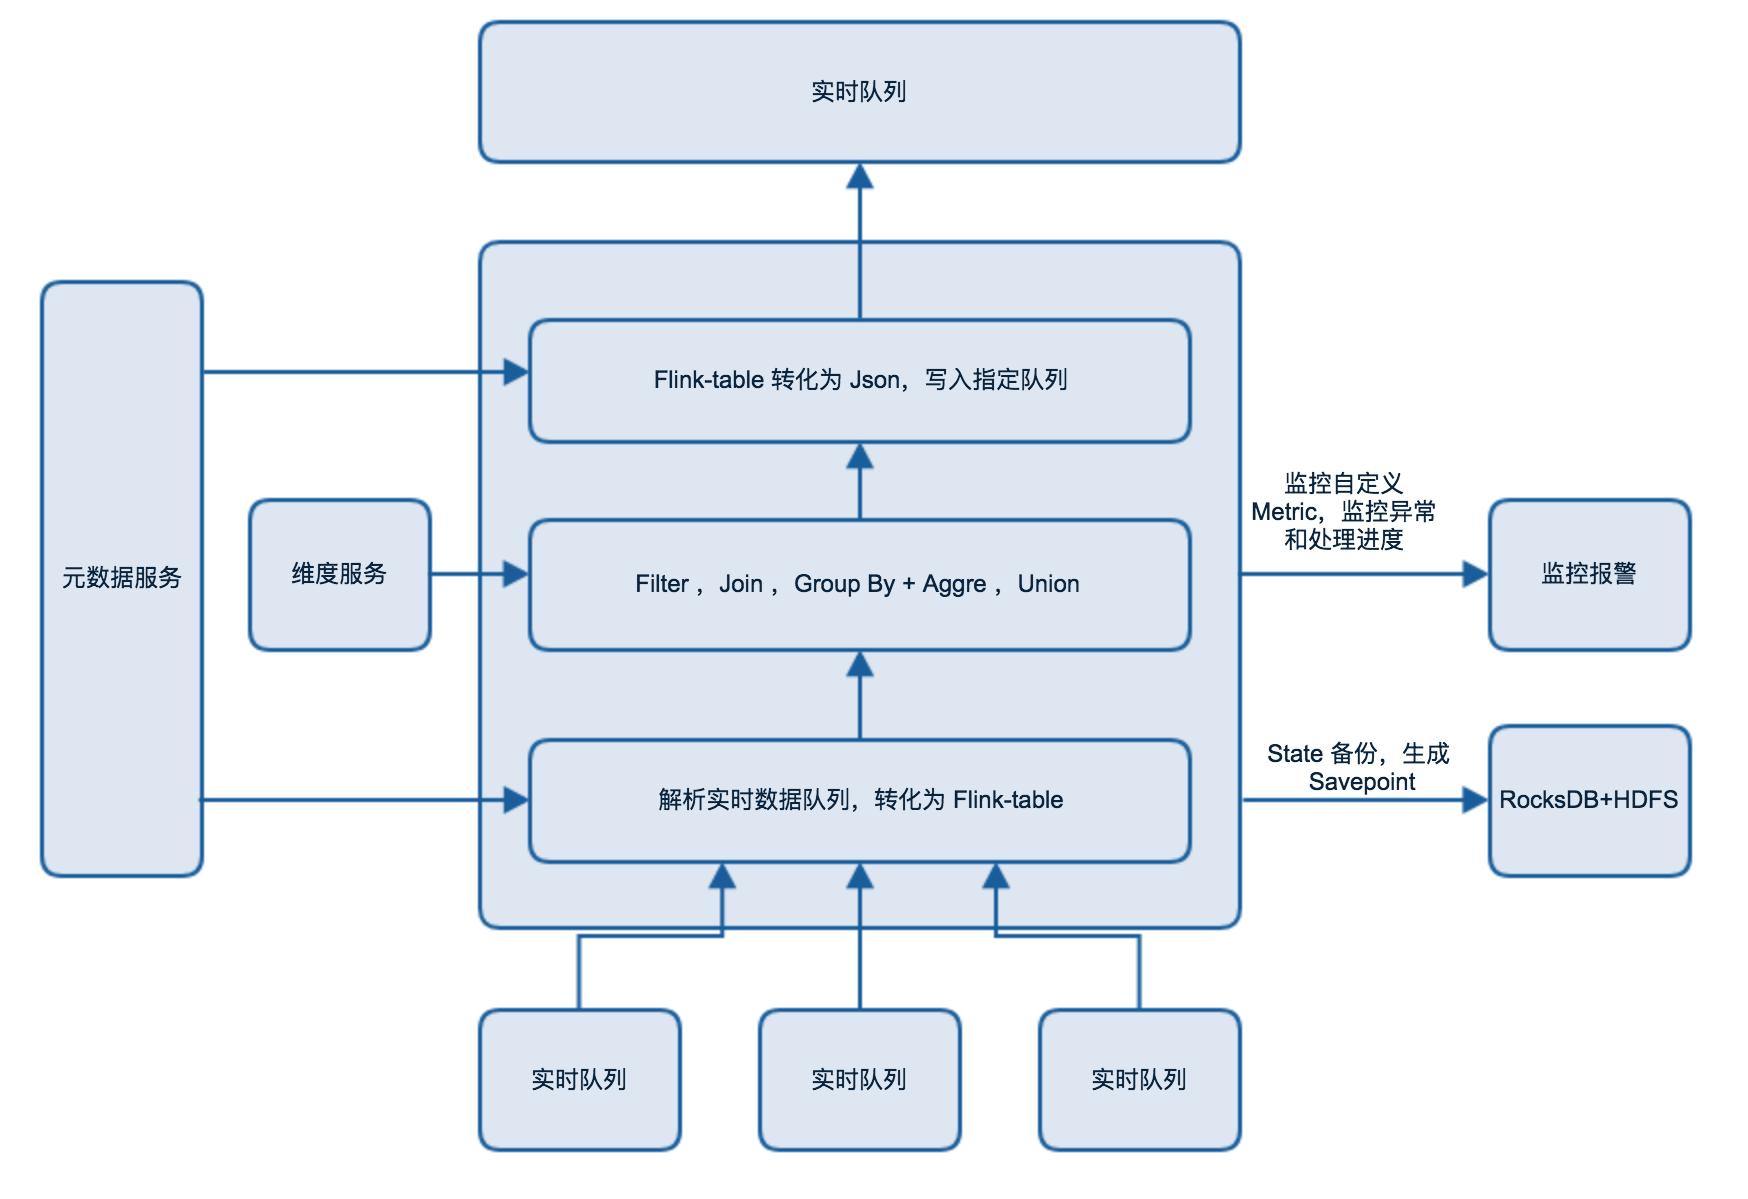 图5 实时计算流程图